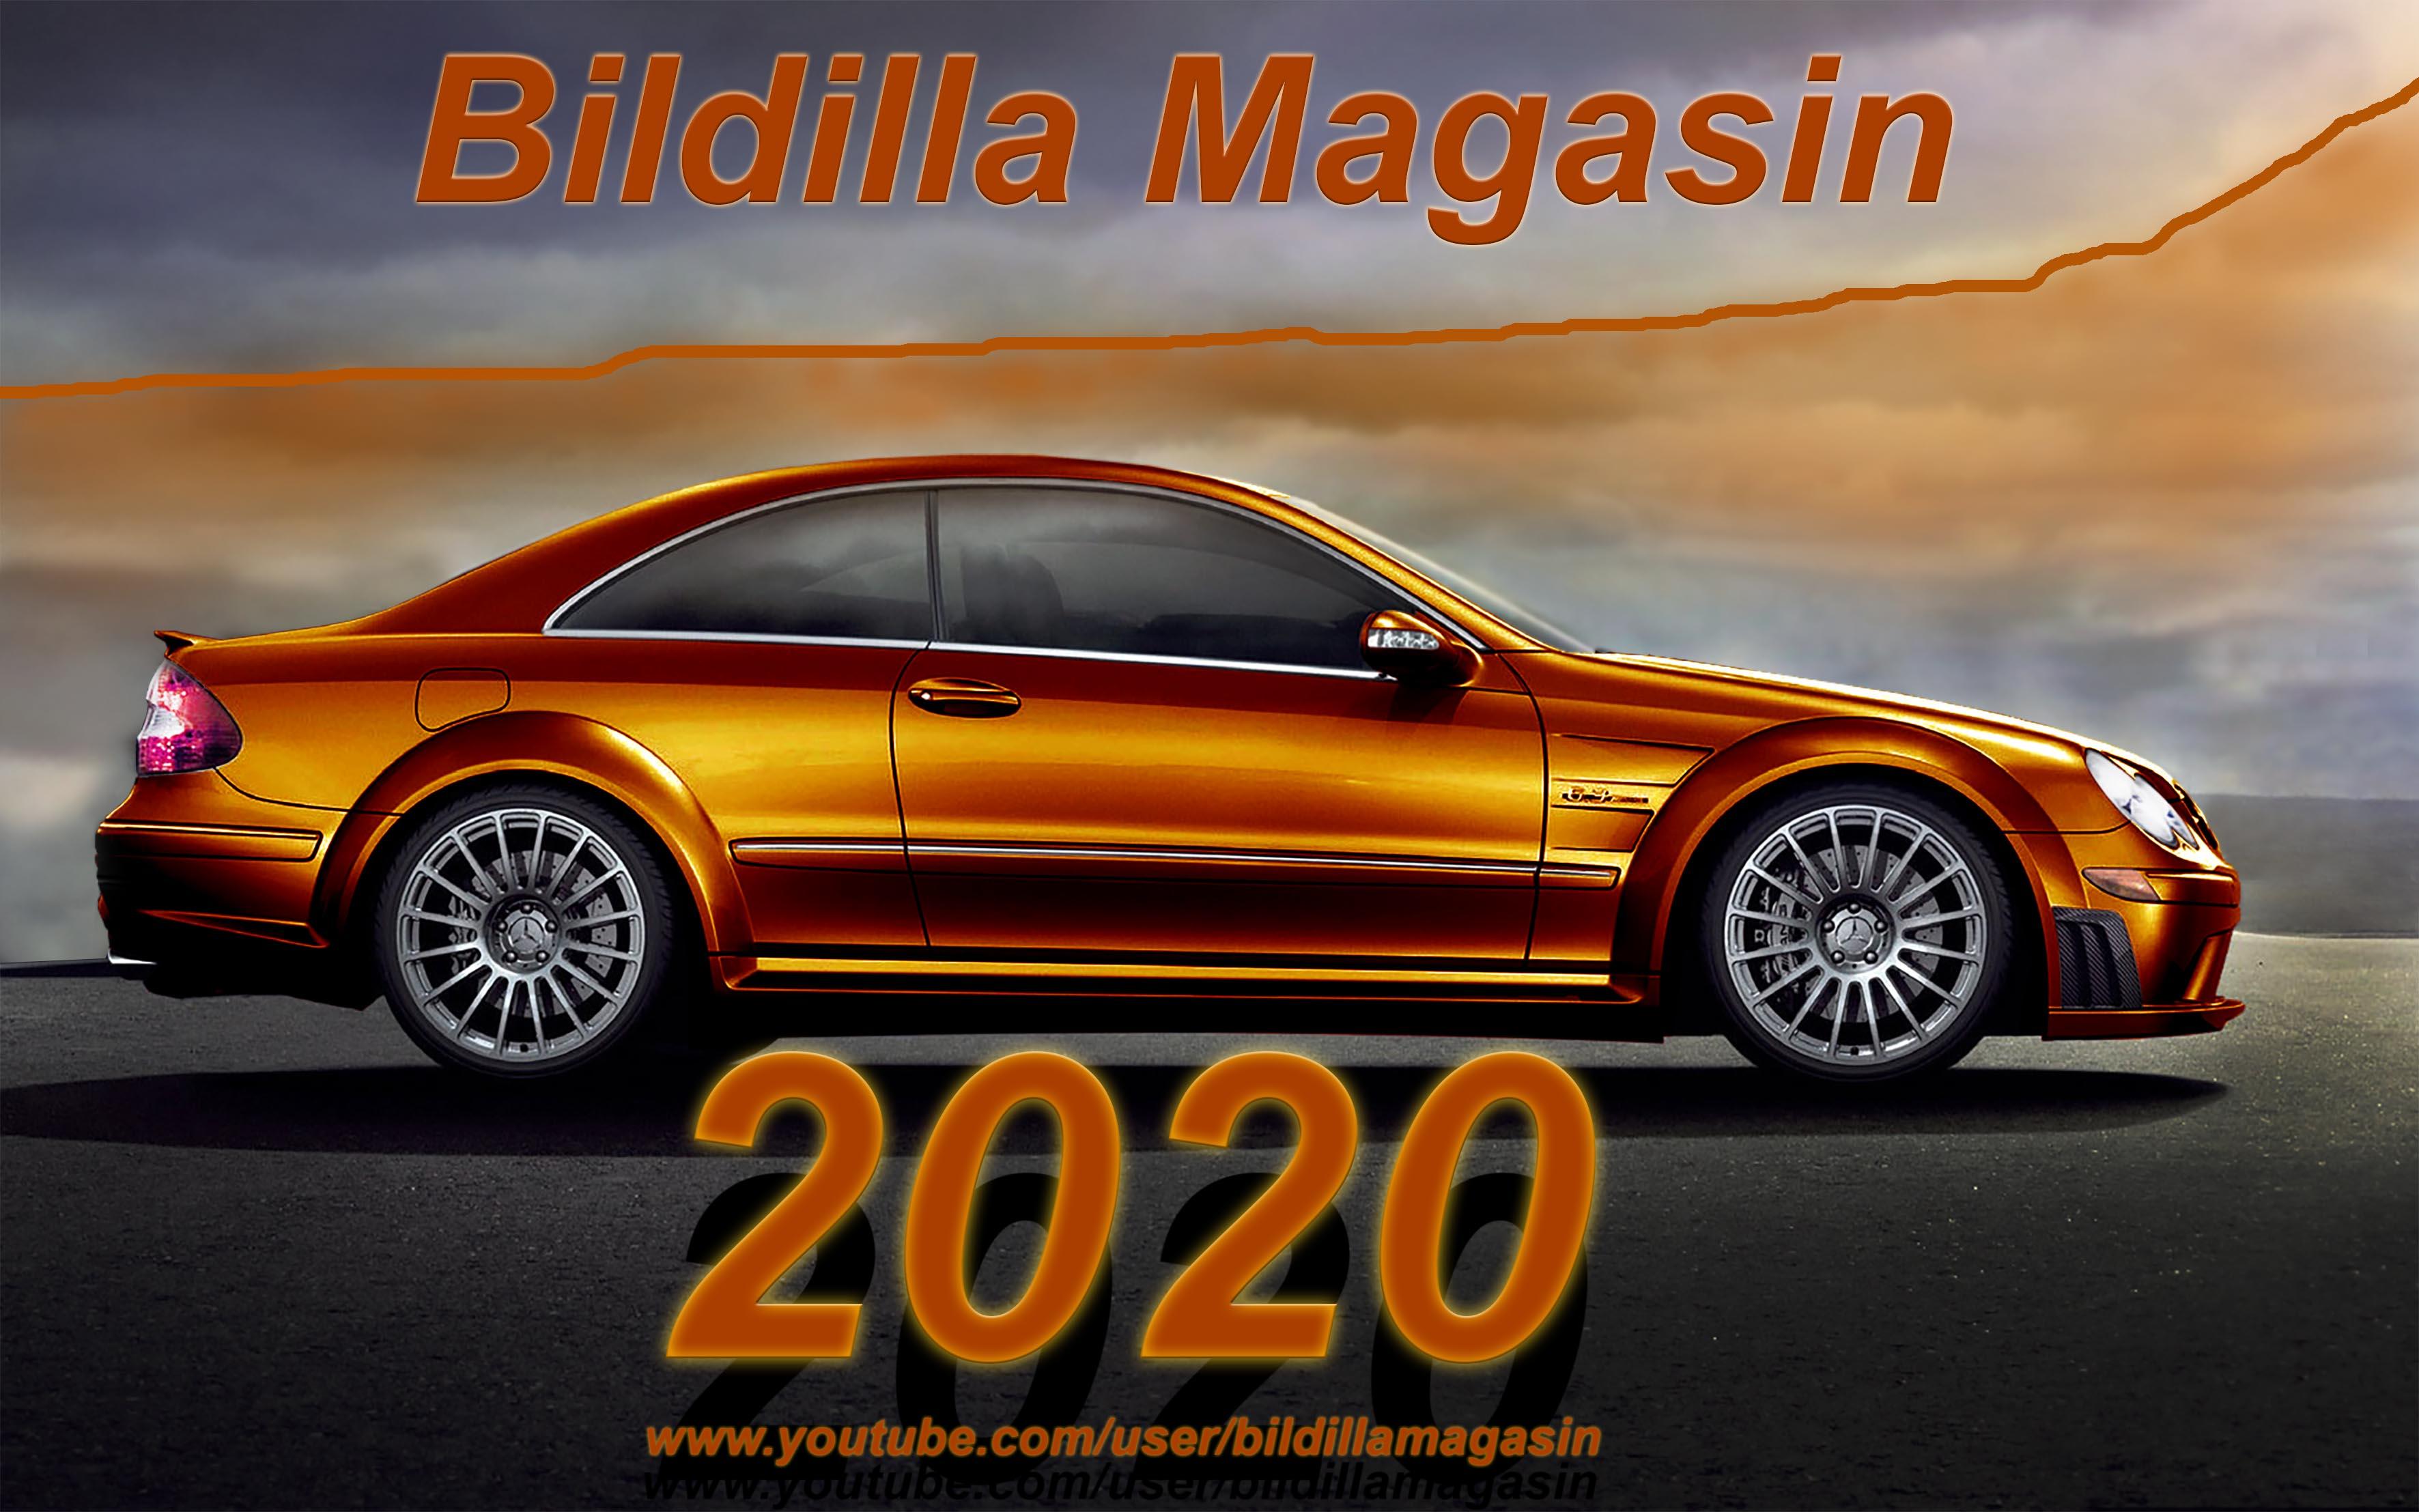 Bildilla i 2020